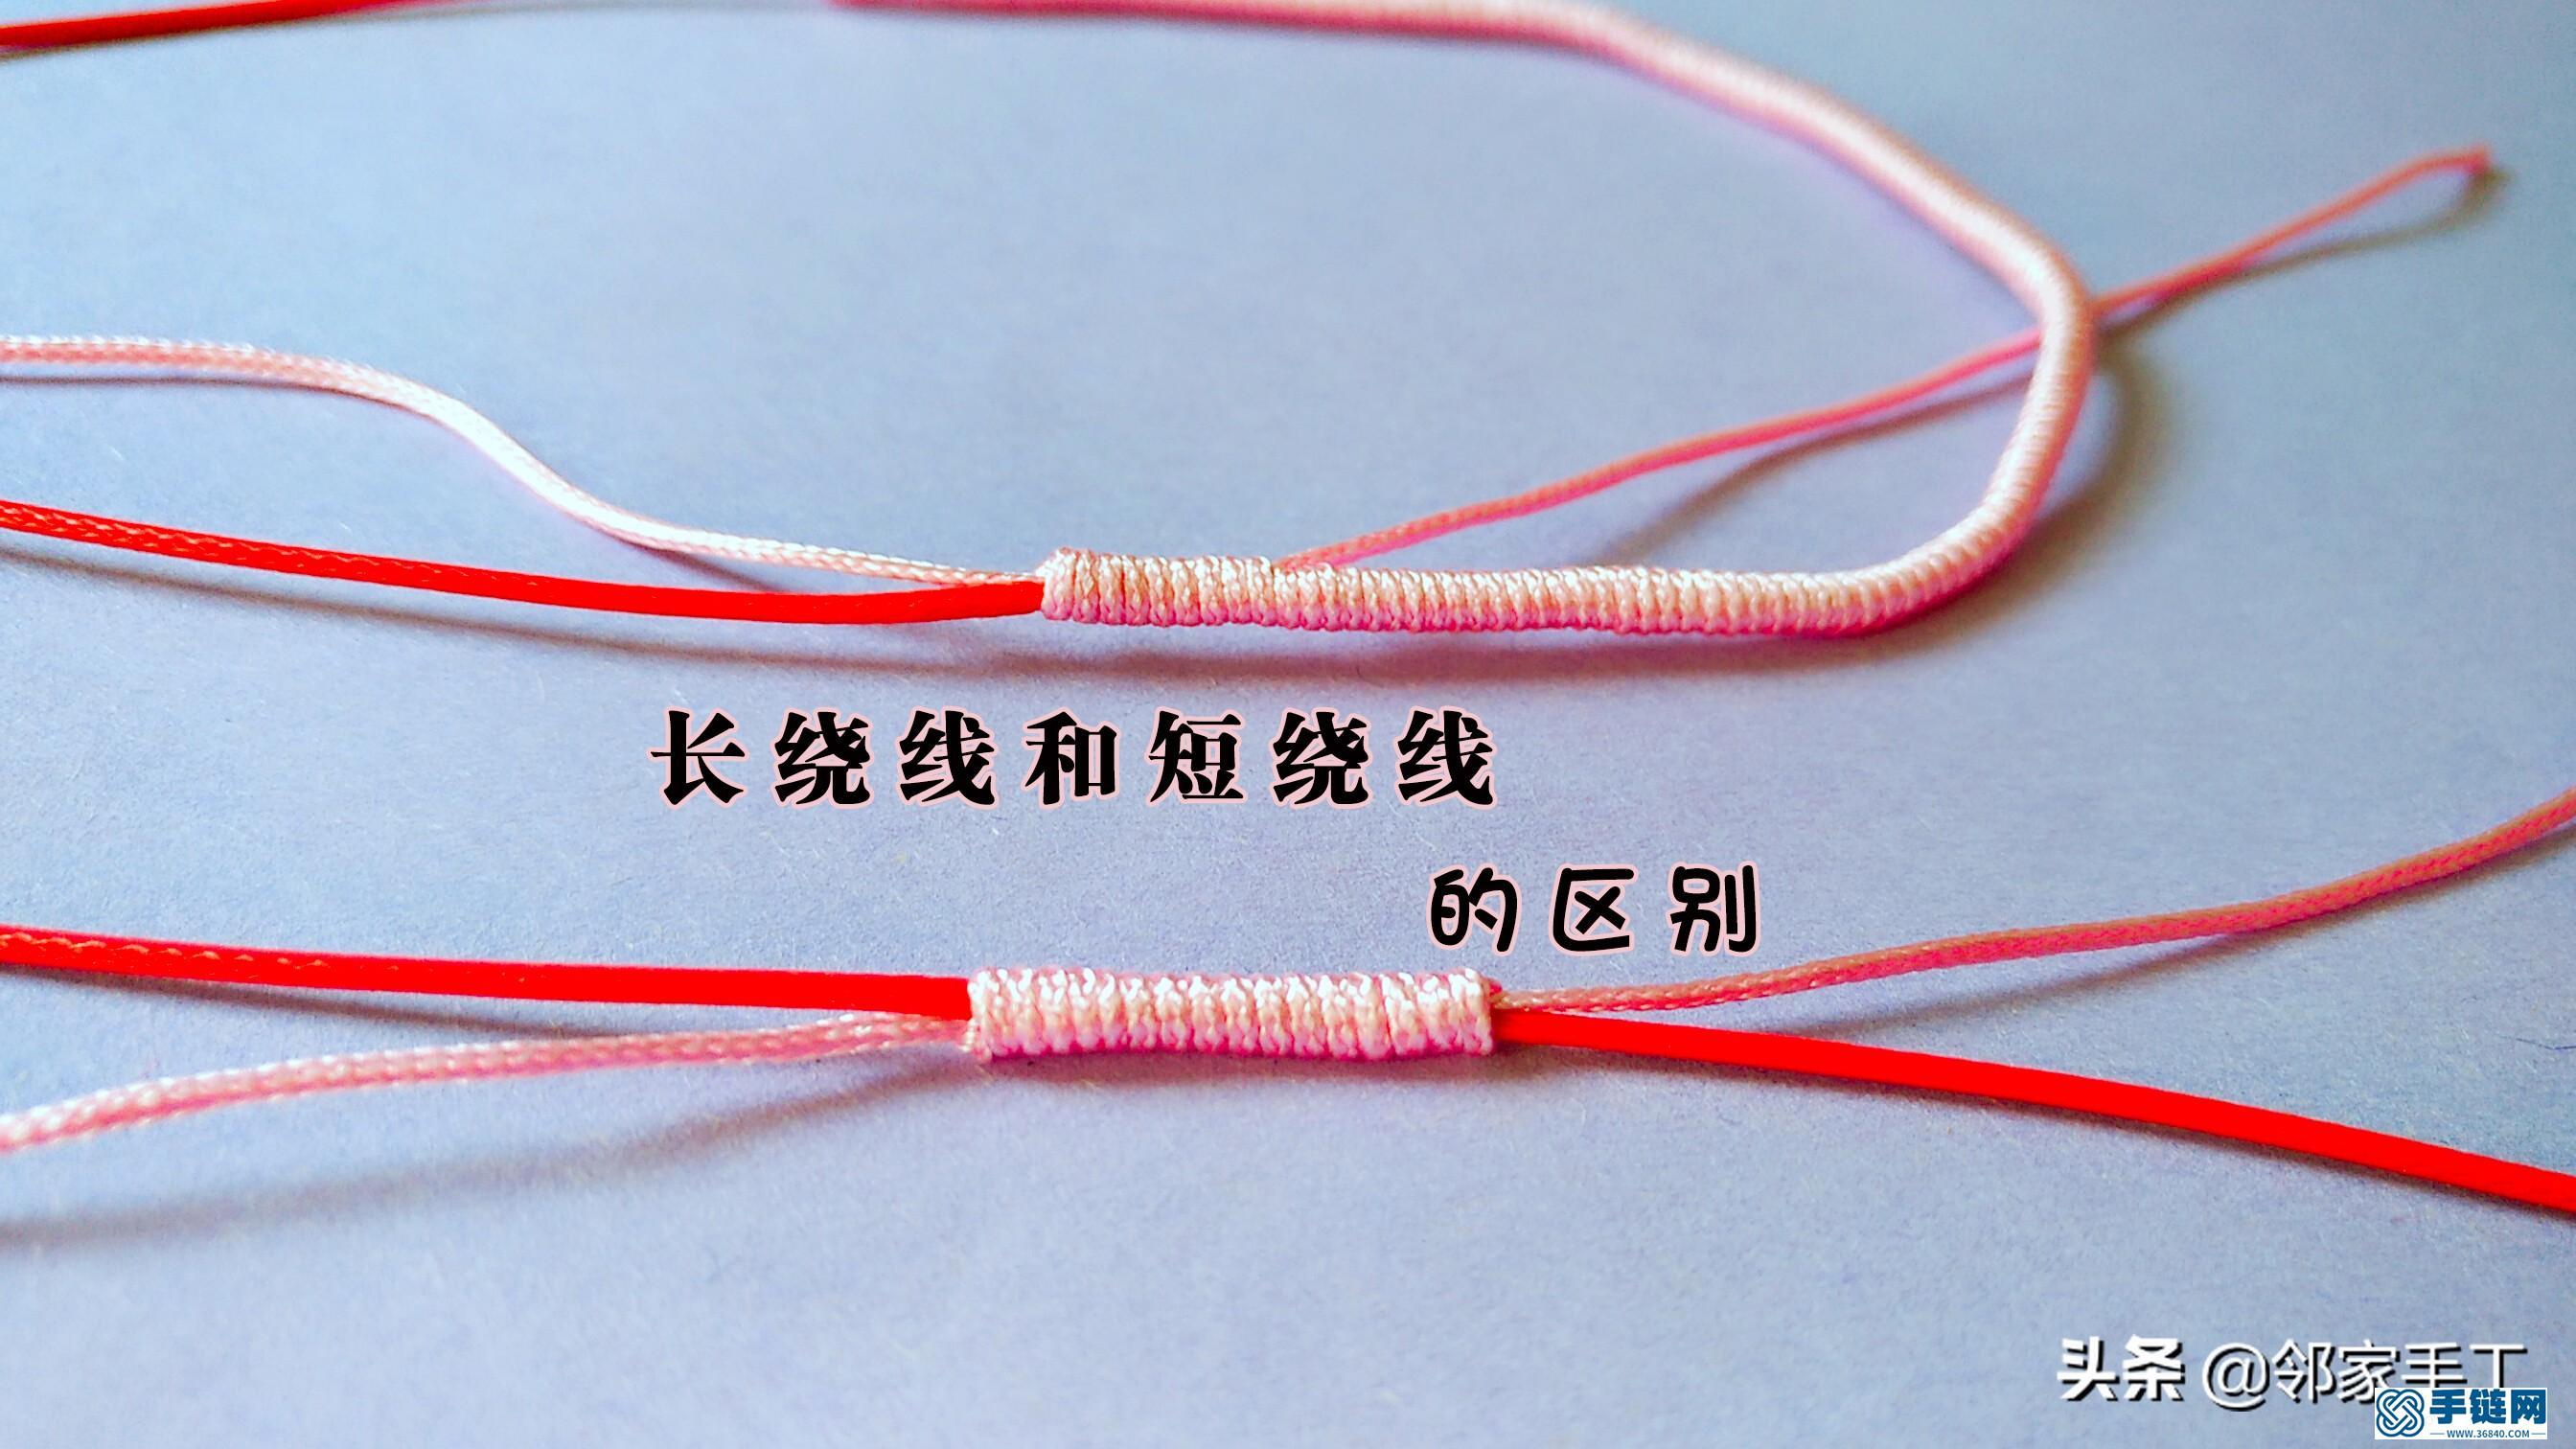 长绕绳的编法图解教程,另附短绕线编织方法